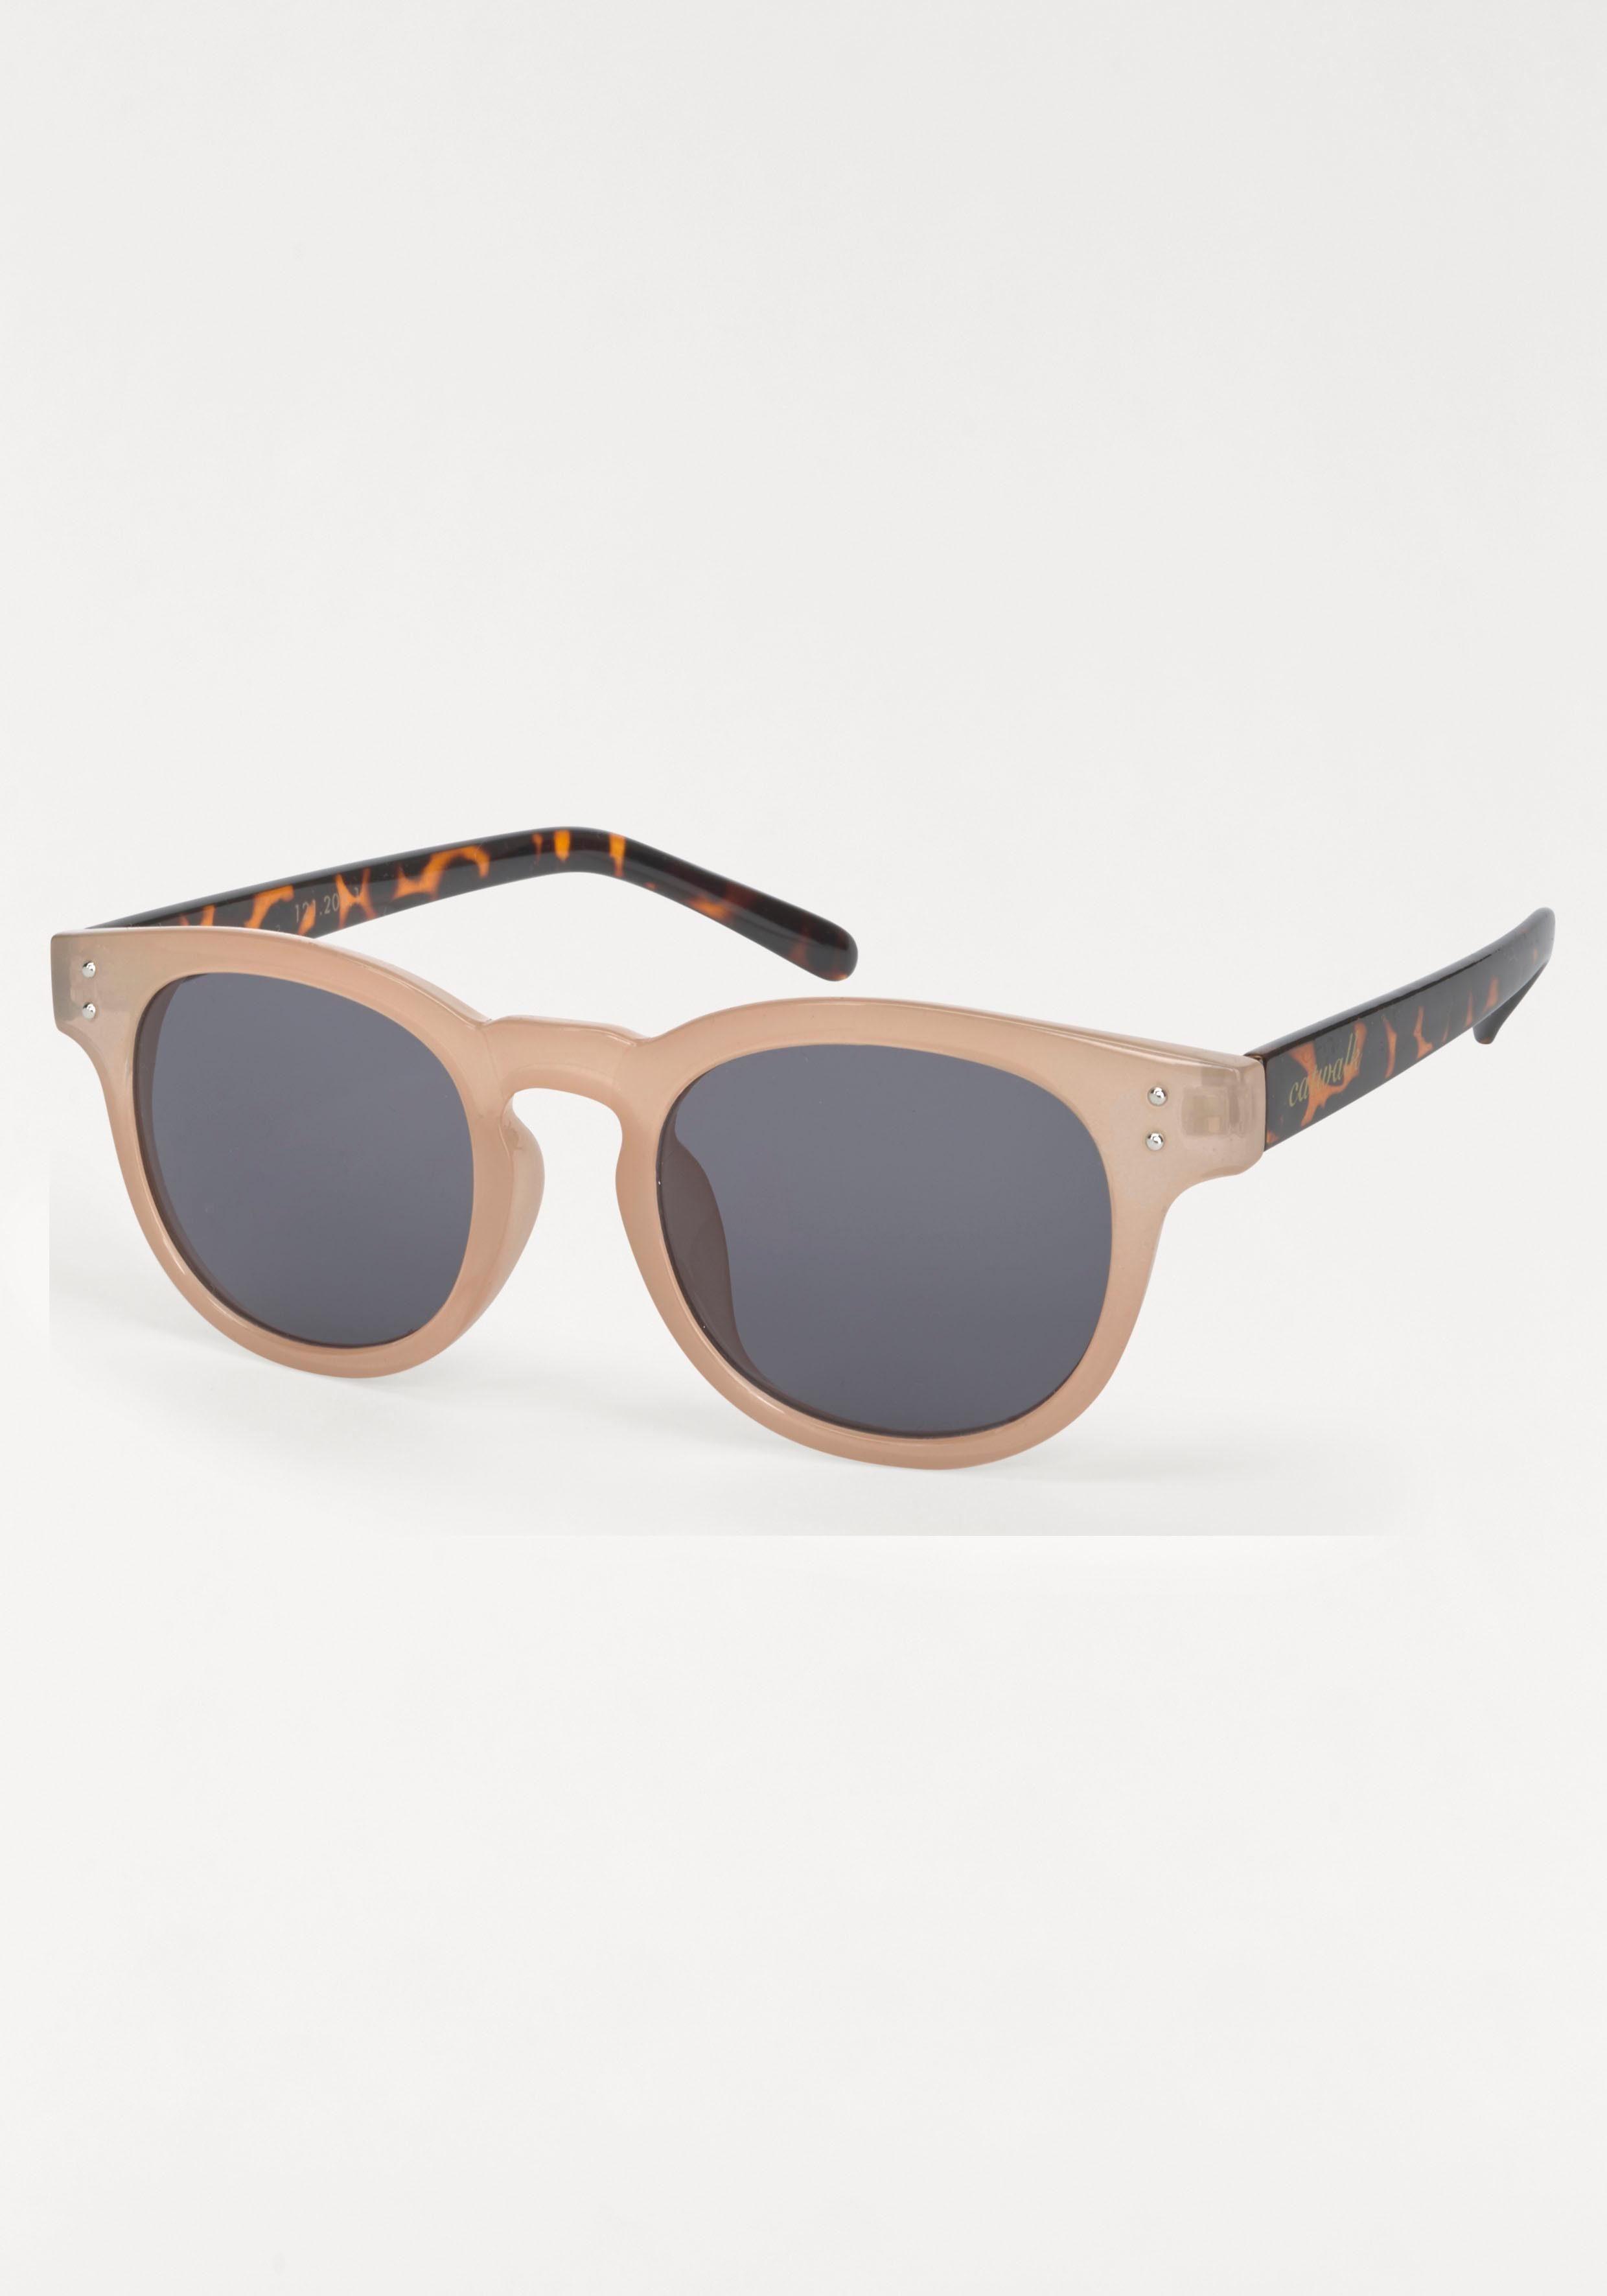 catwalk Eyewear Sonnenbrille Bügel Animal Print